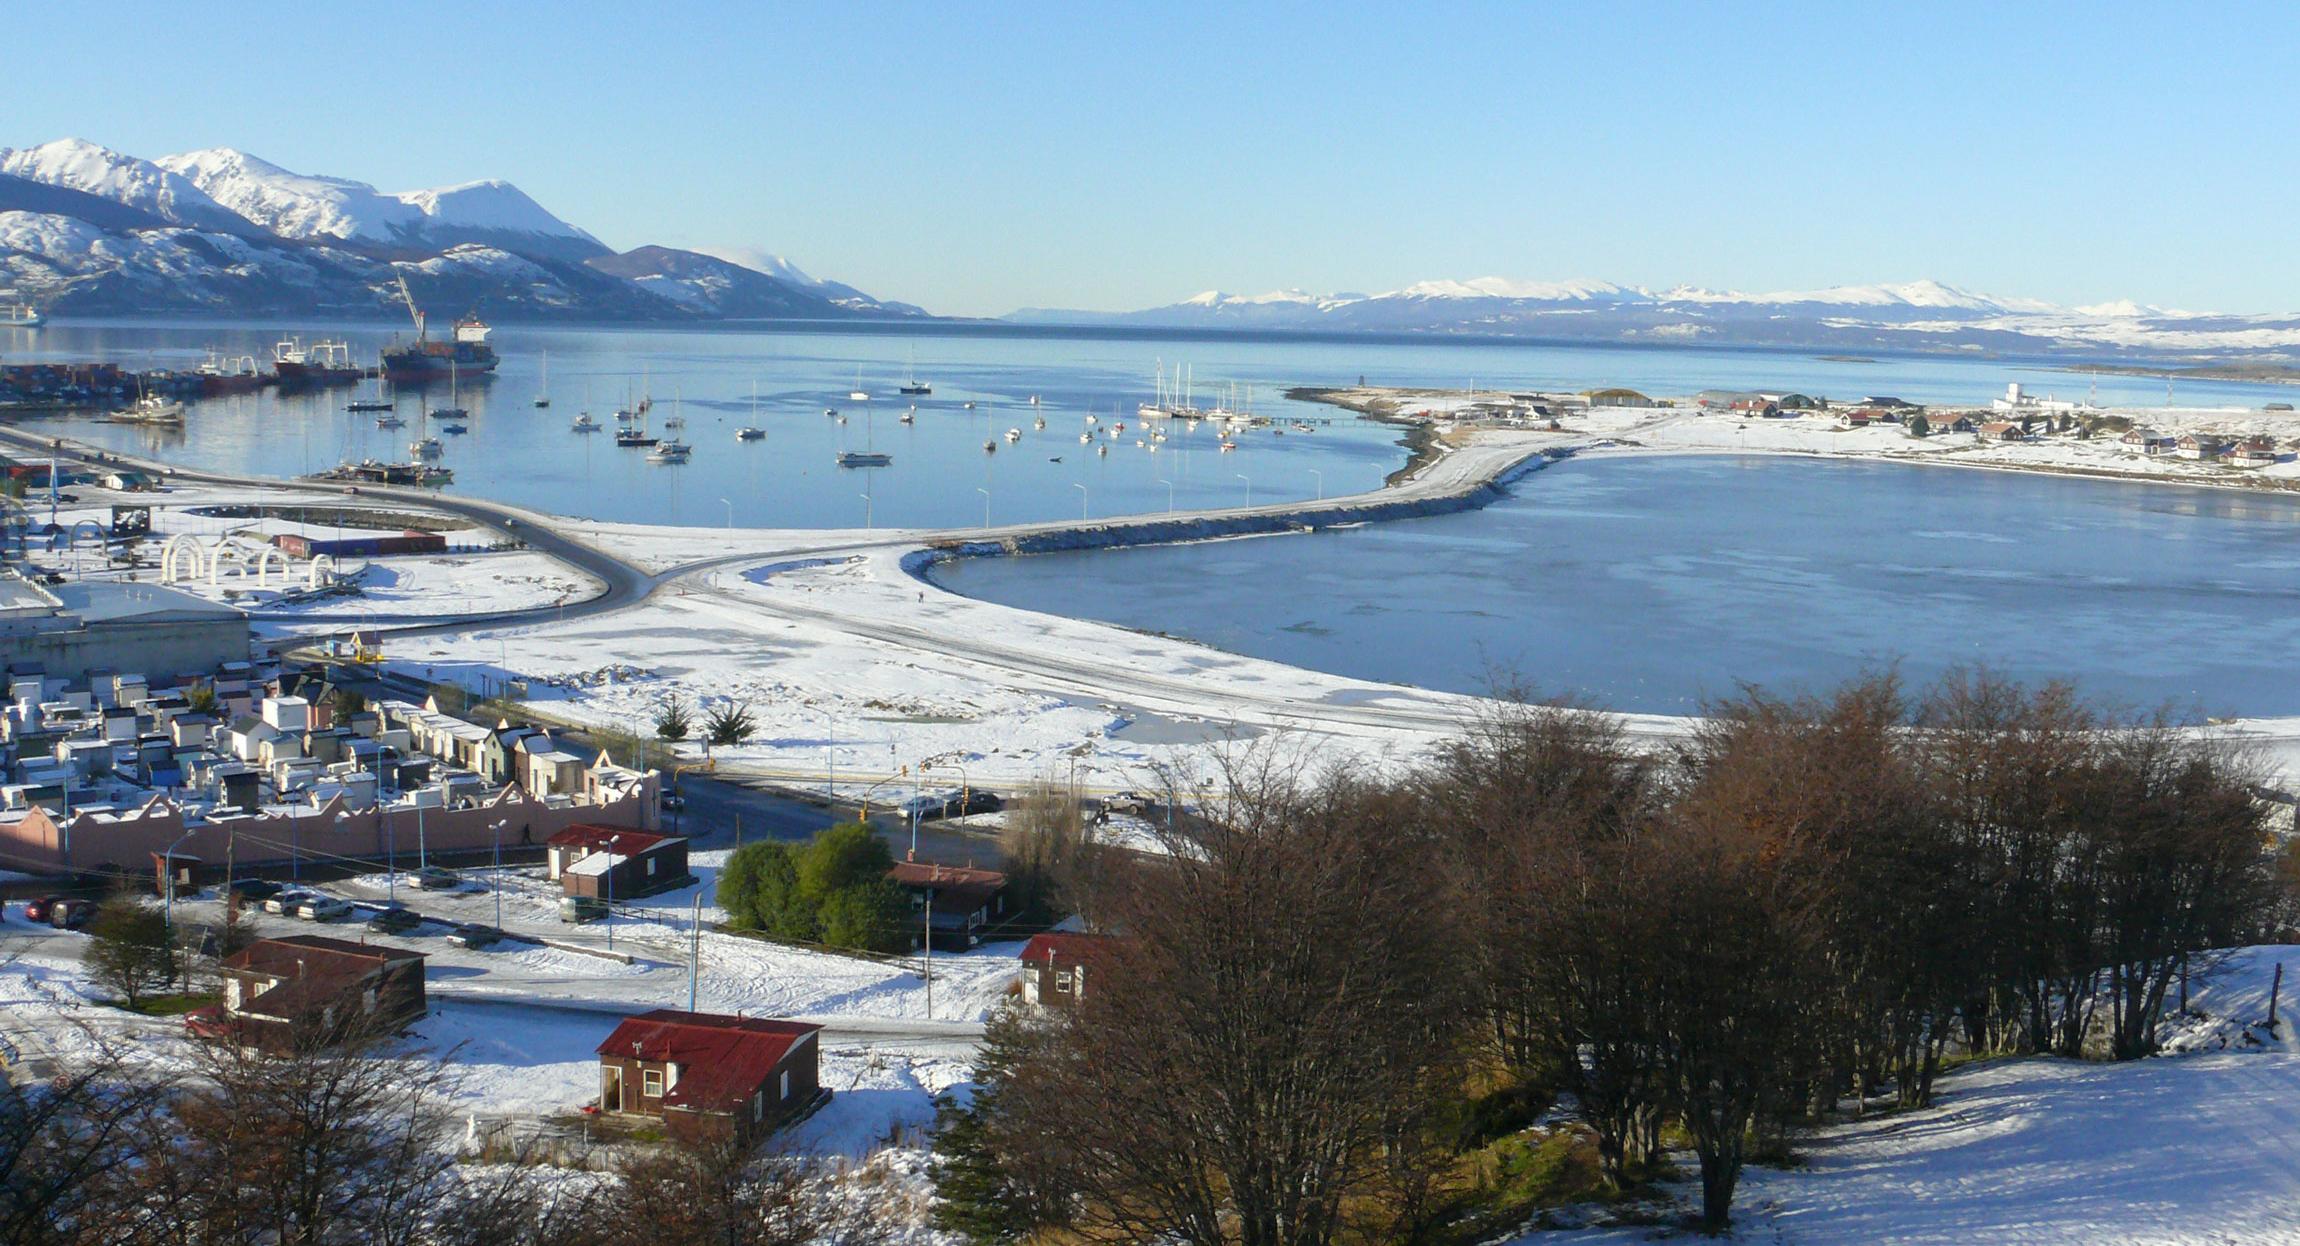 Invierno En Patagonia: ¿Cuál La Mejor época Para Visitar Ushuaia?